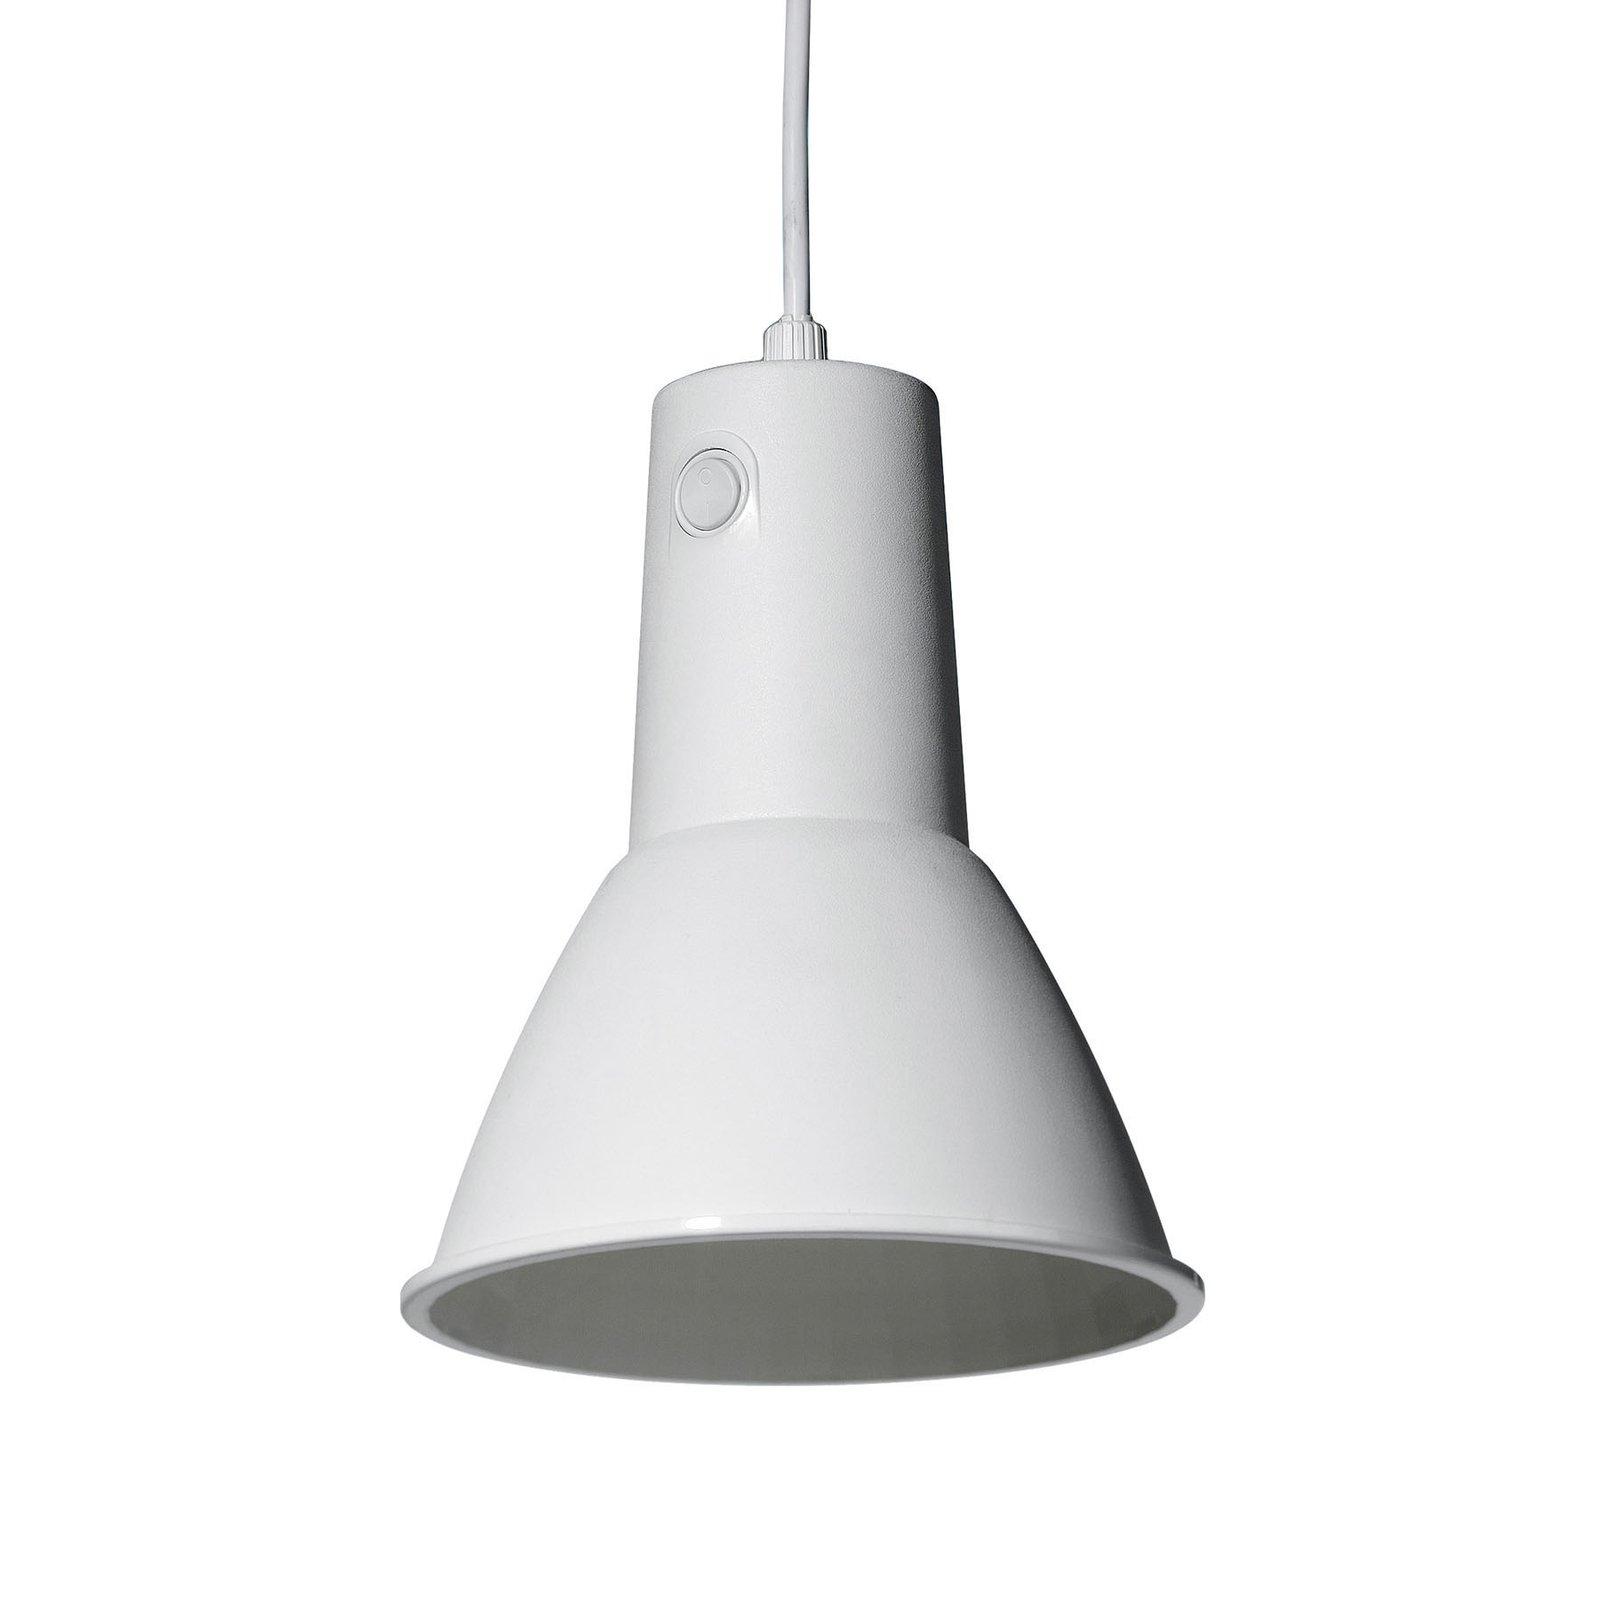 Megaman Plant Lamp pendel-sett inkl. E27 ESL 14W